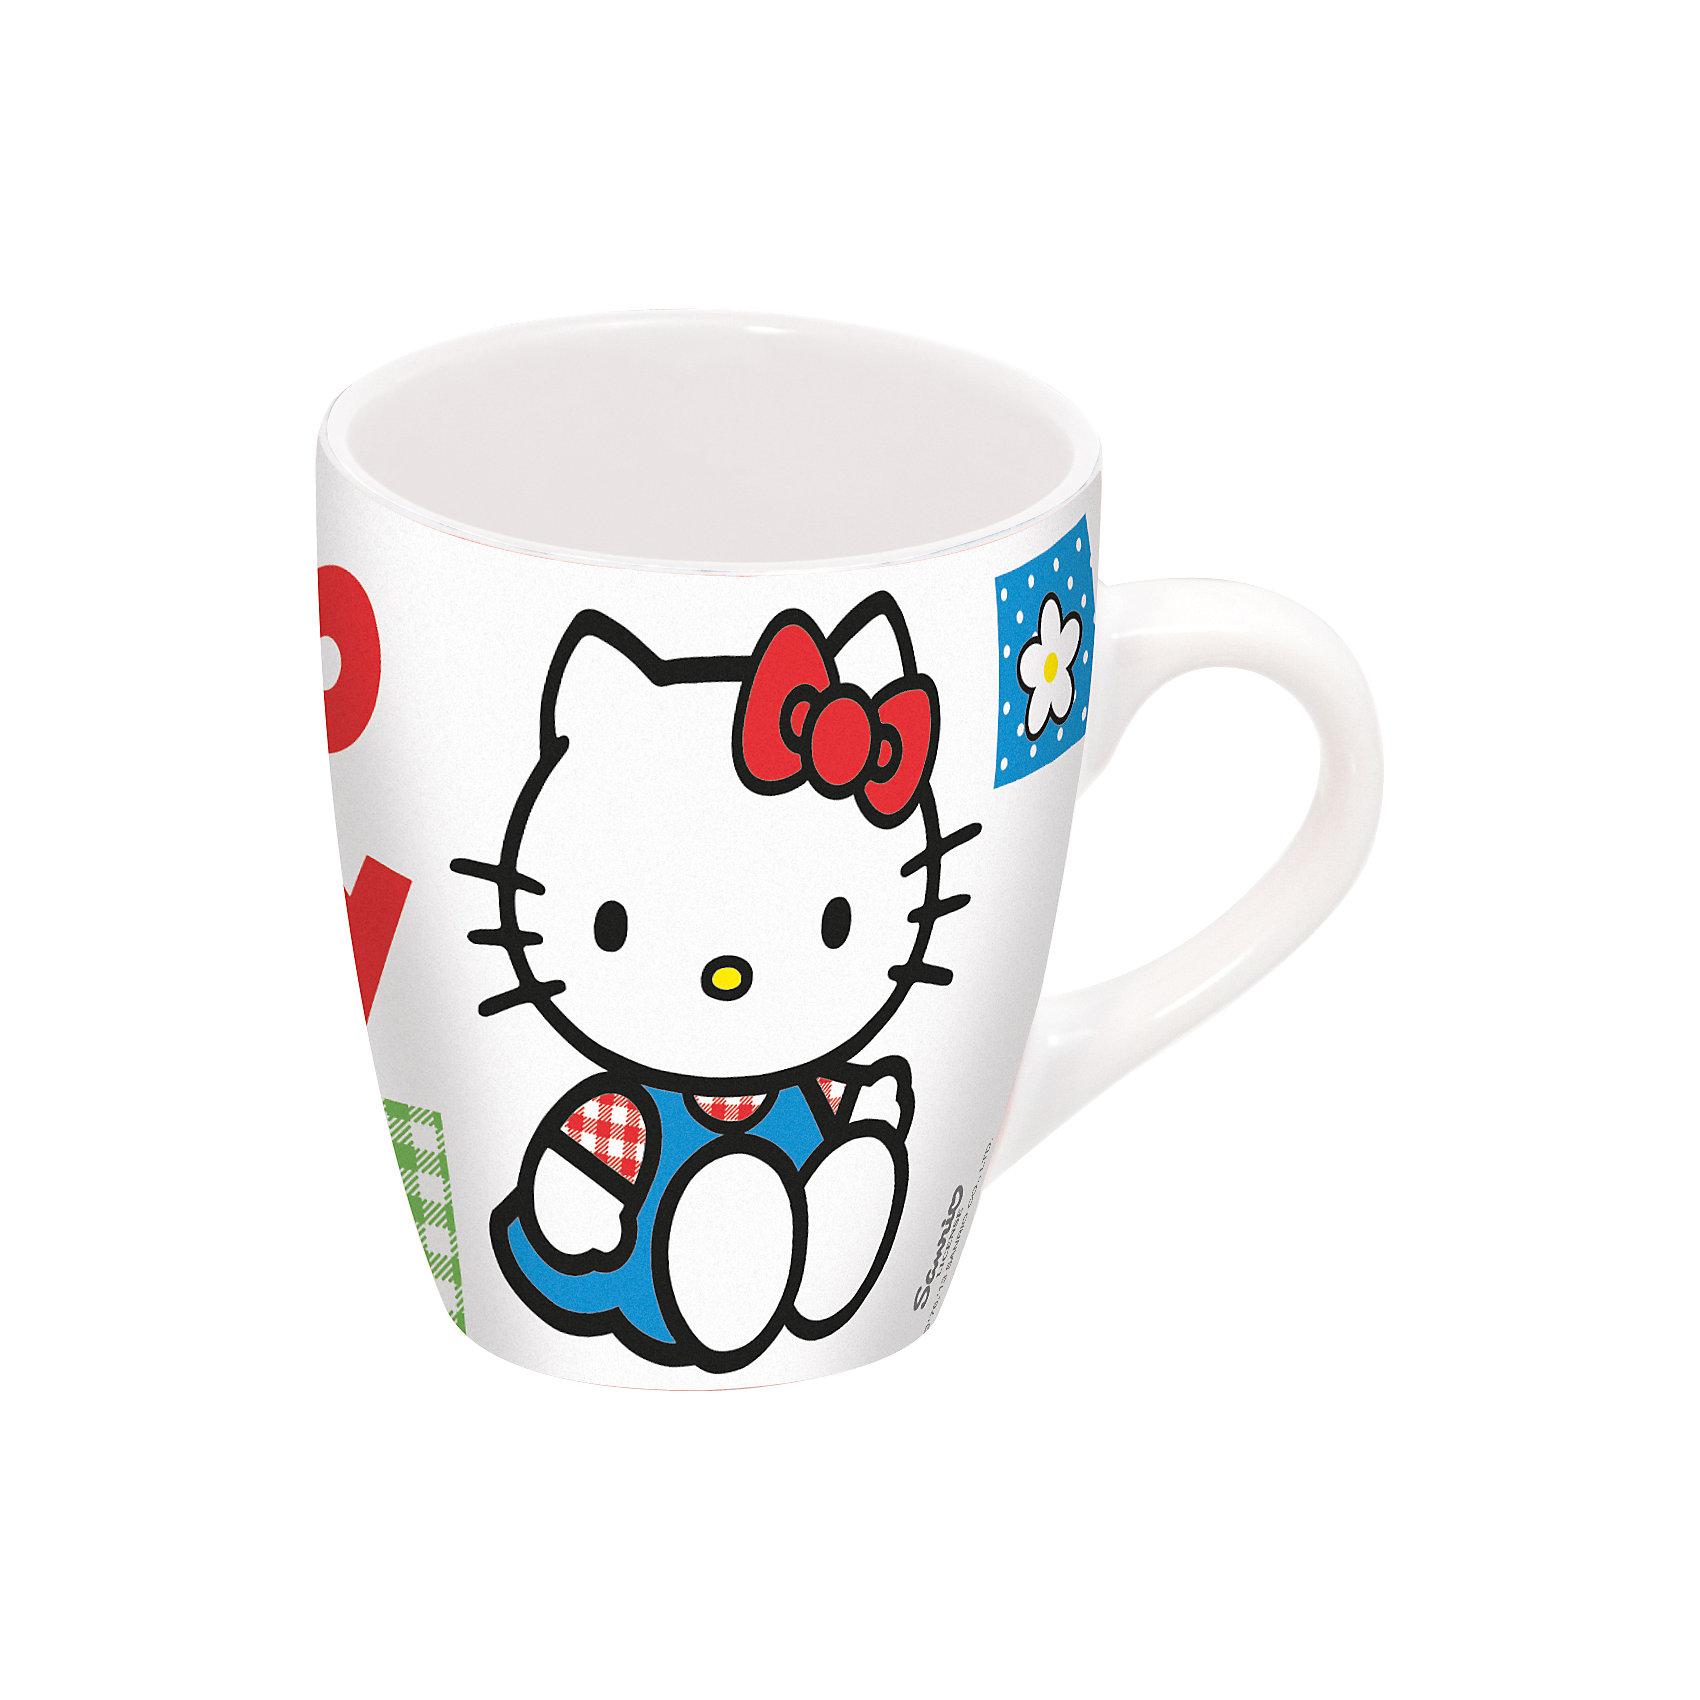 Керамическая кружка Hello Kitty 360 млКерамическая кружка Hello Kitty станет любимым предметом посуды Вашего ребенка, так как не нагревается при наливании внутрь горячей жидкости и выглядит очень ярко. У кружки удобная ручка, которая оптимально подойдет для размера детской руки. Кружка Hello Kitty выполнено по мотивам популярного детского мультфильма «Хеллоу Китти» и украшено изображением миловидного белого котенка с красным бантиком. Рисунок нанесен яркими насыщенными красками, которые не выцветают и не истираются со временем. Изделие выполнено из высококачественной прочной керамики, поэтому посуда будет радовать ребёнка долгое время.<br><br>Дополнительная информация:<br><br>возраст: от 3 лет.<br>- объем: 360 мл.<br>- материал: керамика<br><br>Стеклянную кружку Hello Kitty 360 мл можно купить в нашем интернет-магазине.<br><br>Ширина мм: 130<br>Глубина мм: 105<br>Высота мм: 15<br>Вес г: 403<br>Возраст от месяцев: 36<br>Возраст до месяцев: 168<br>Пол: Женский<br>Возраст: Детский<br>SKU: 4536180